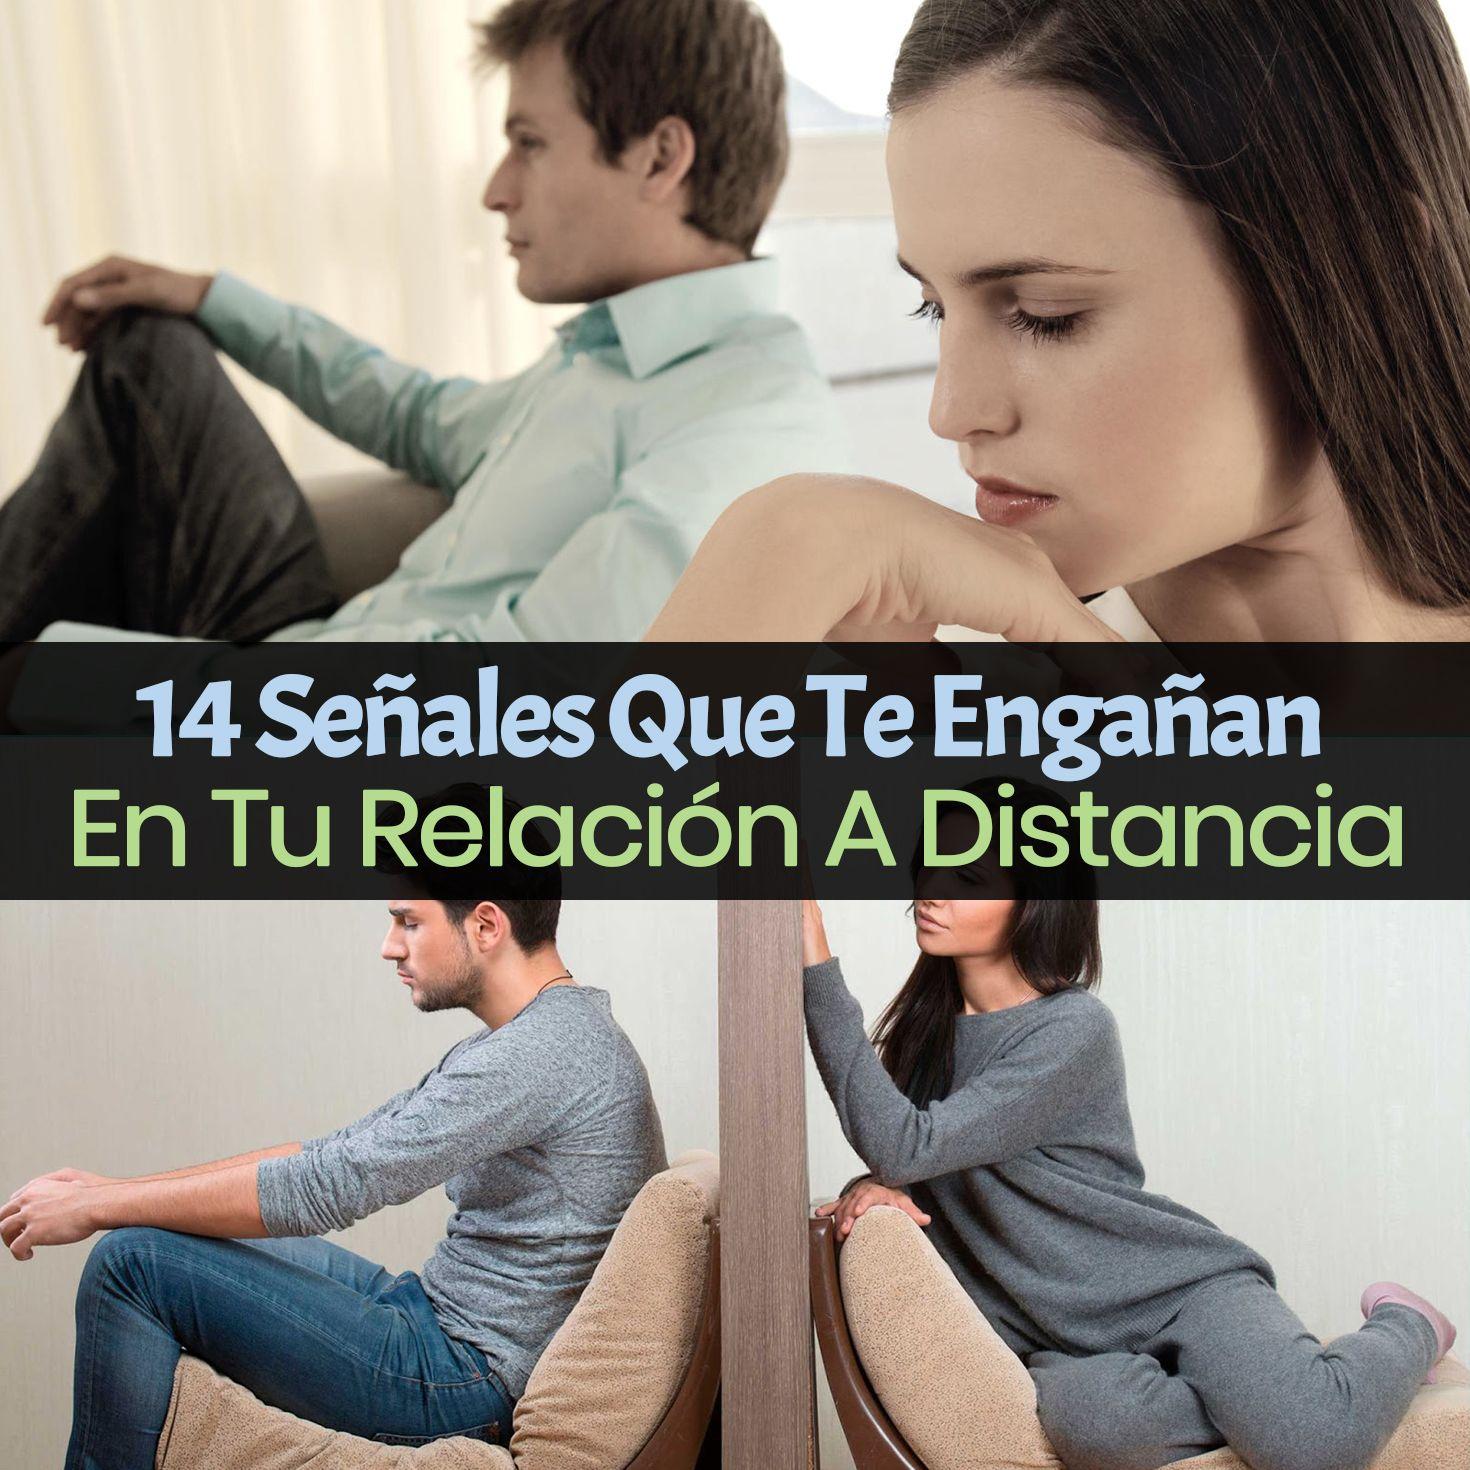 14 Señales Para Saber Si Tu Novio A Distancia Te Engaña La Parte Más Difícil De Las Relaciones A Distancia Es Controlar Tus Celos Y La Inseguridad Fitbit Cari